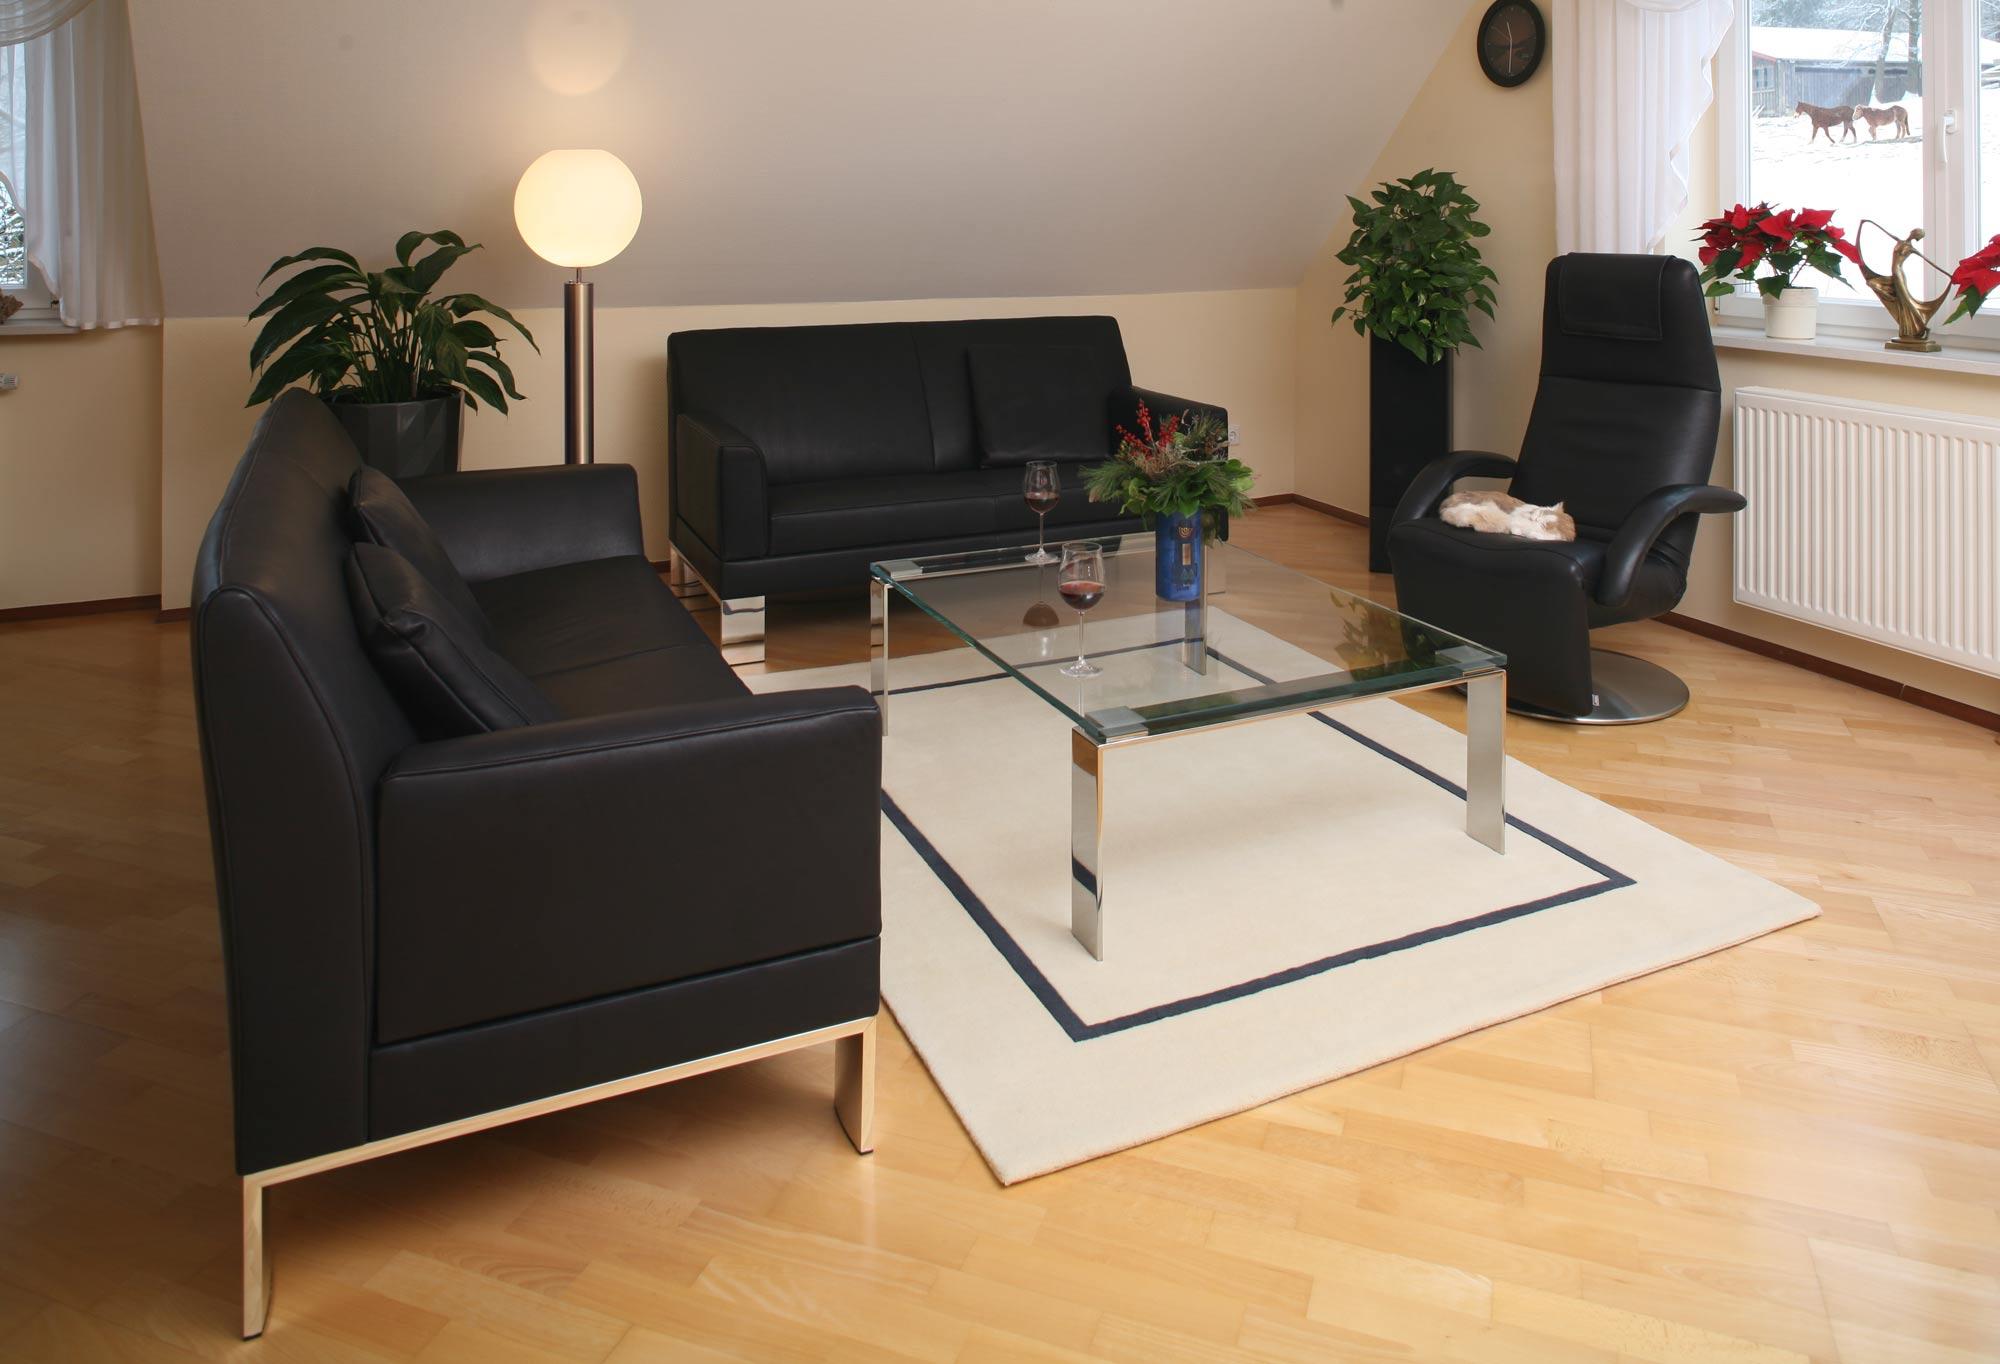 Wohnzimmer aus Massivholz 2012: Die Möbelmacher